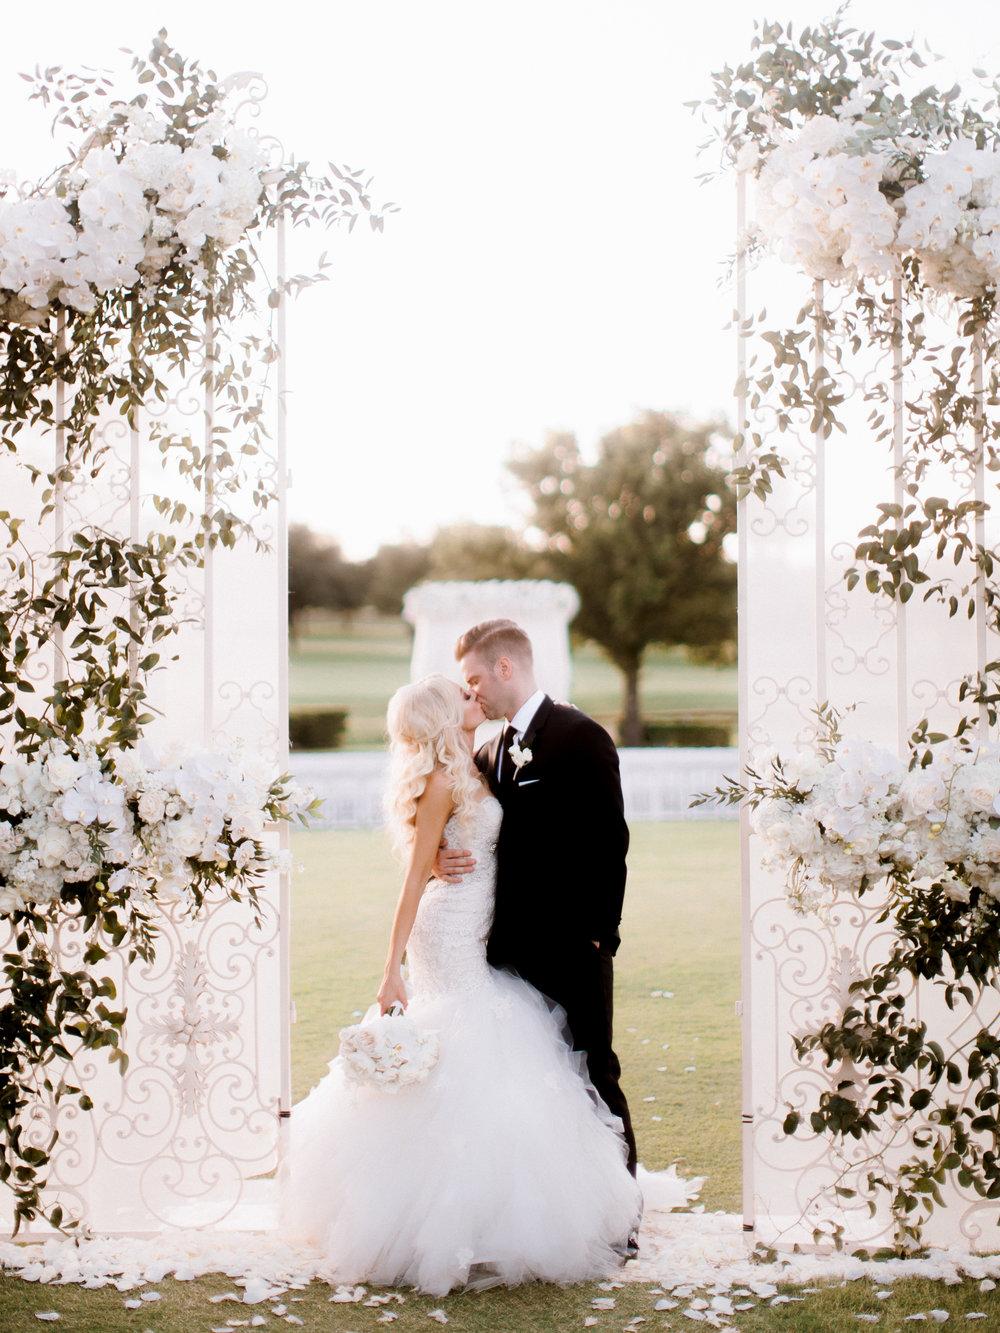 DALLAS COMING SOON Meggie Francisco Destination Wedding